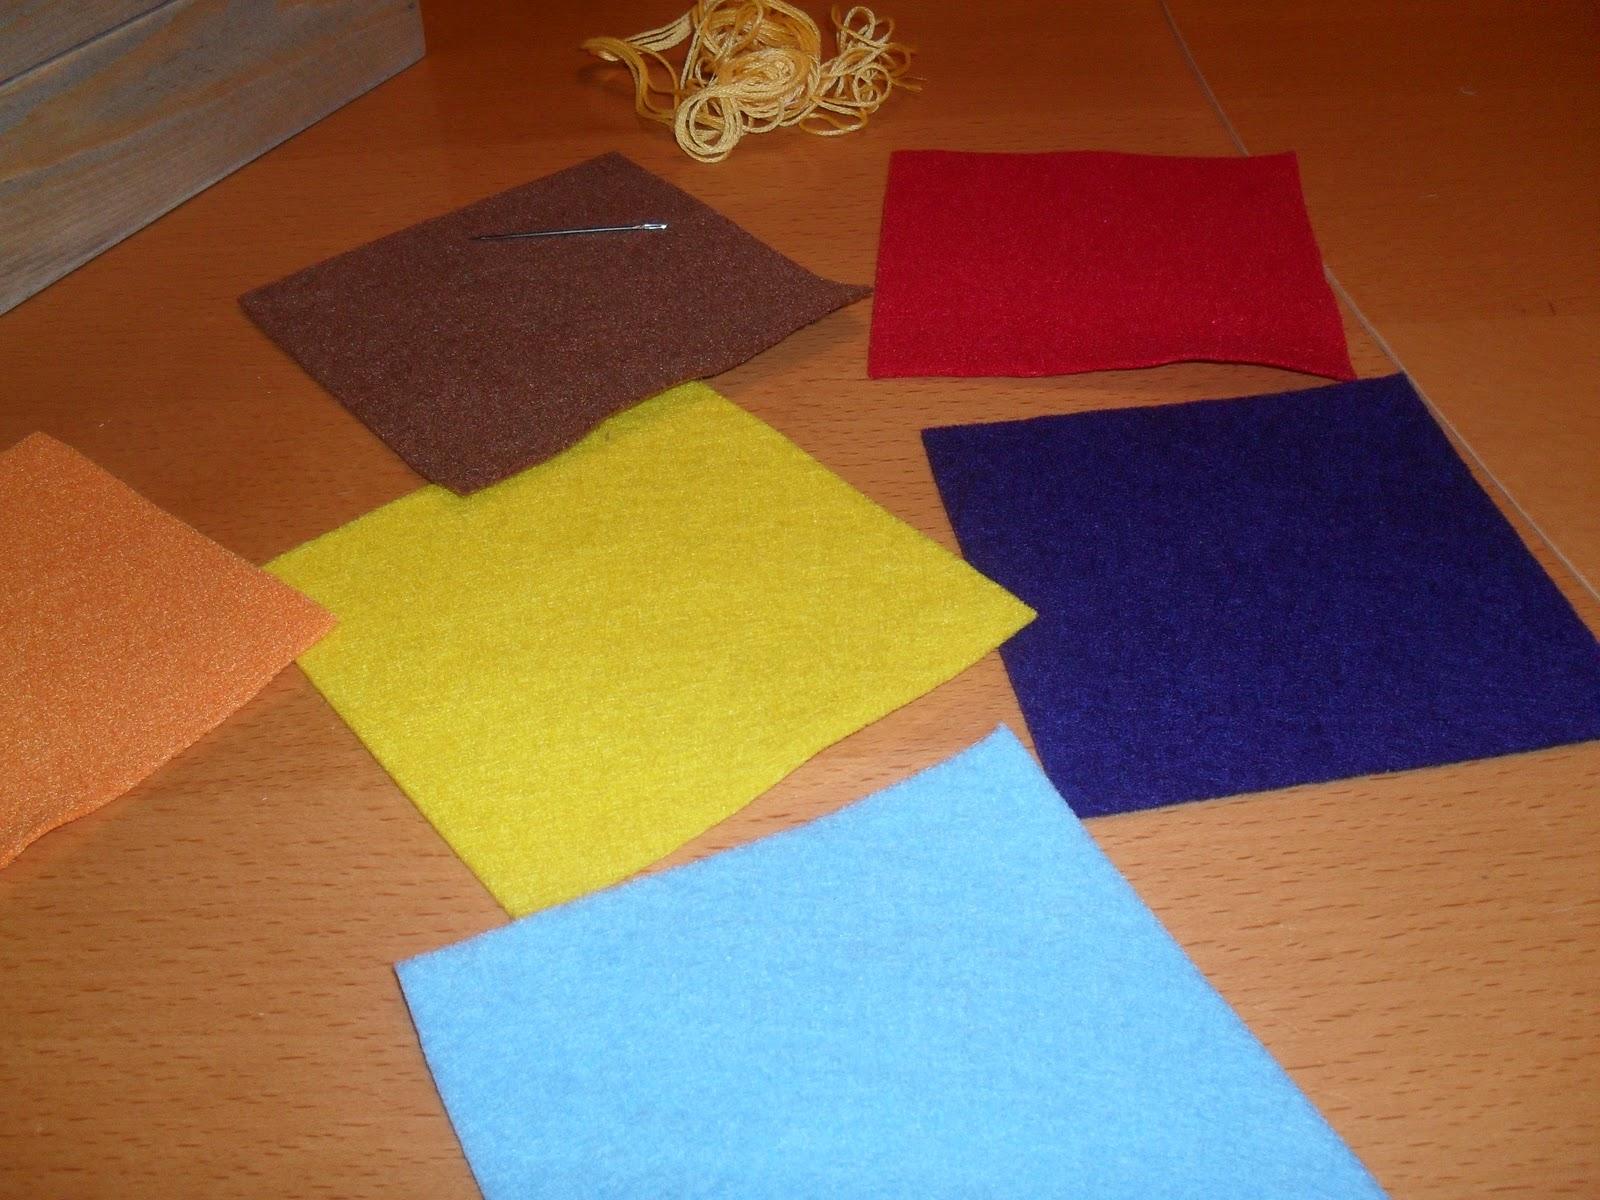 dd0631fd48d613 Ho preparato 6 quadrati di 10 cm. per lato e li ho cuciti assieme .